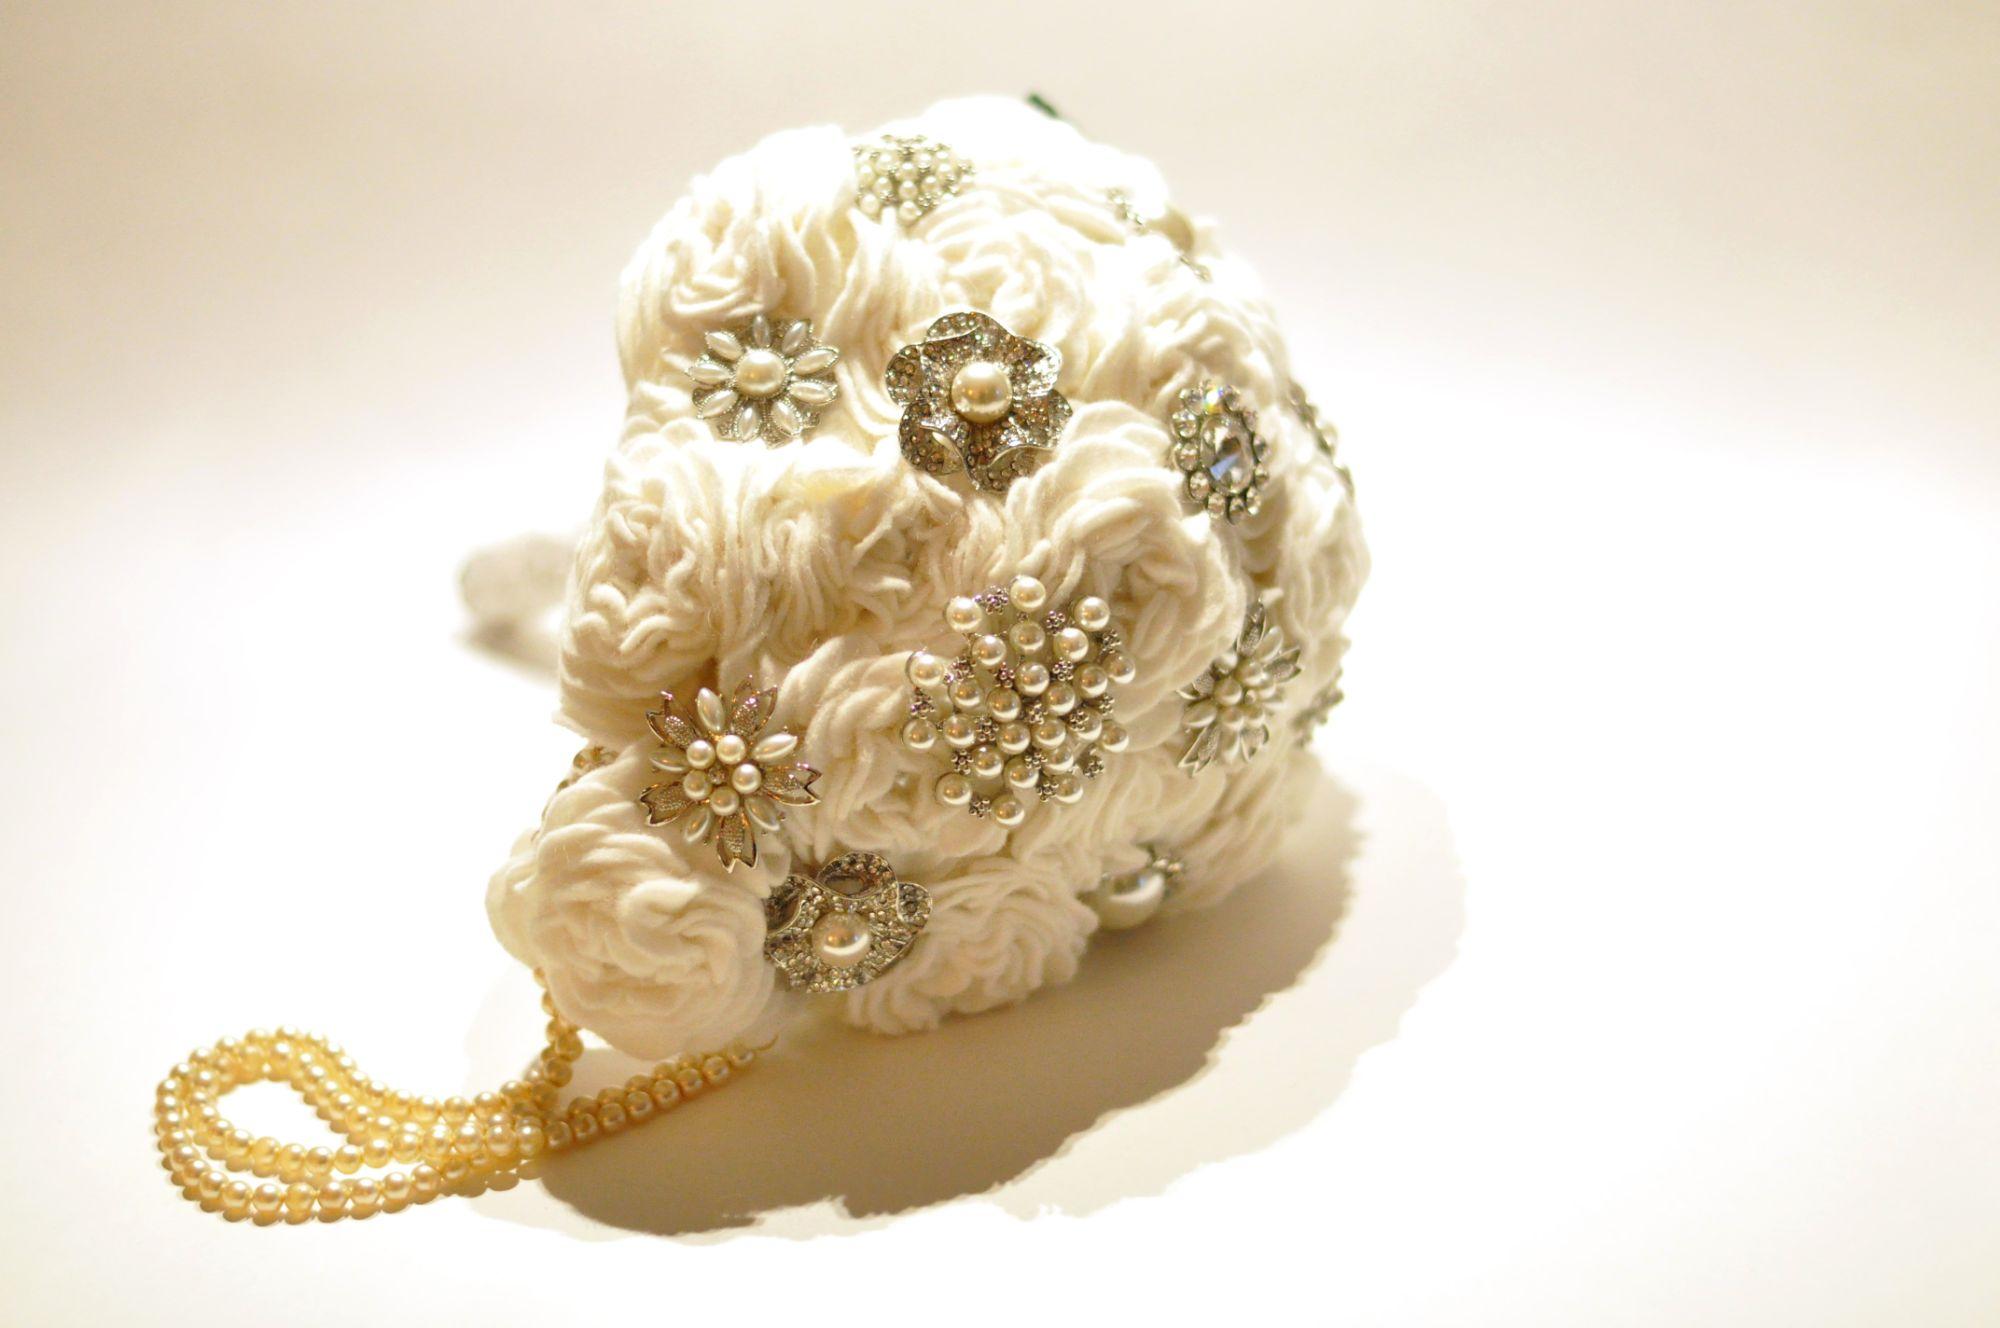 Brooch and felt bouquet (6).jpg